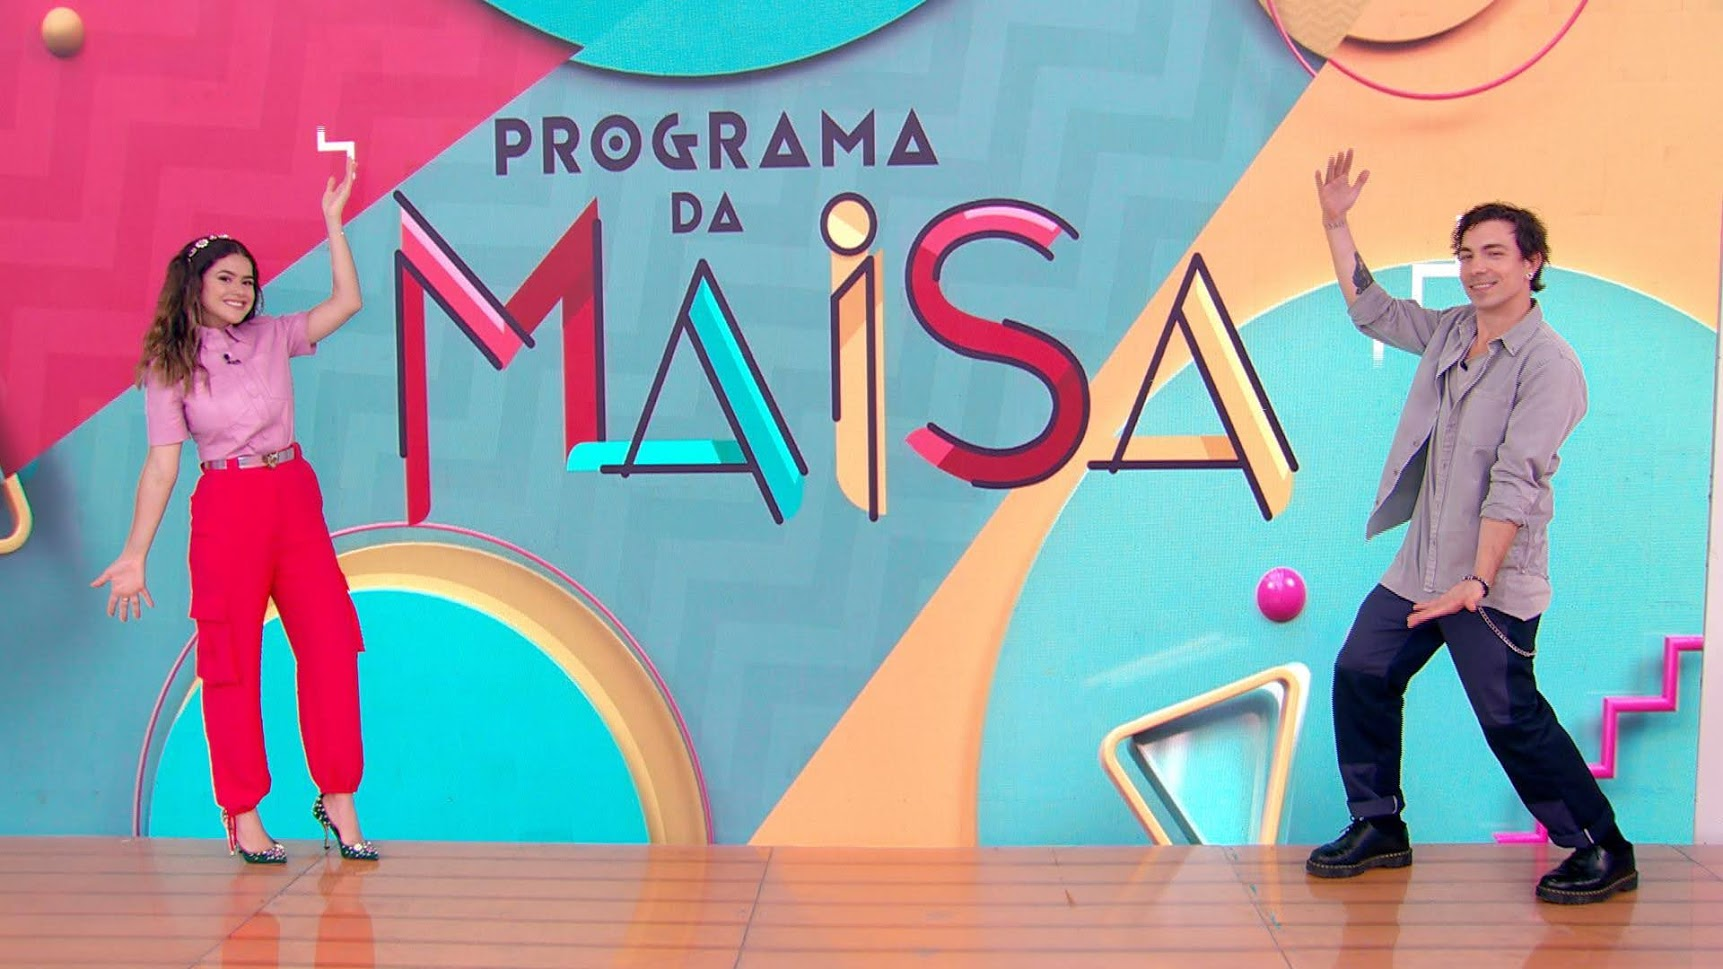 Di Ferrero e Flavia Pavanelli são os convidados do Programa da Maisa neste sábado (18)